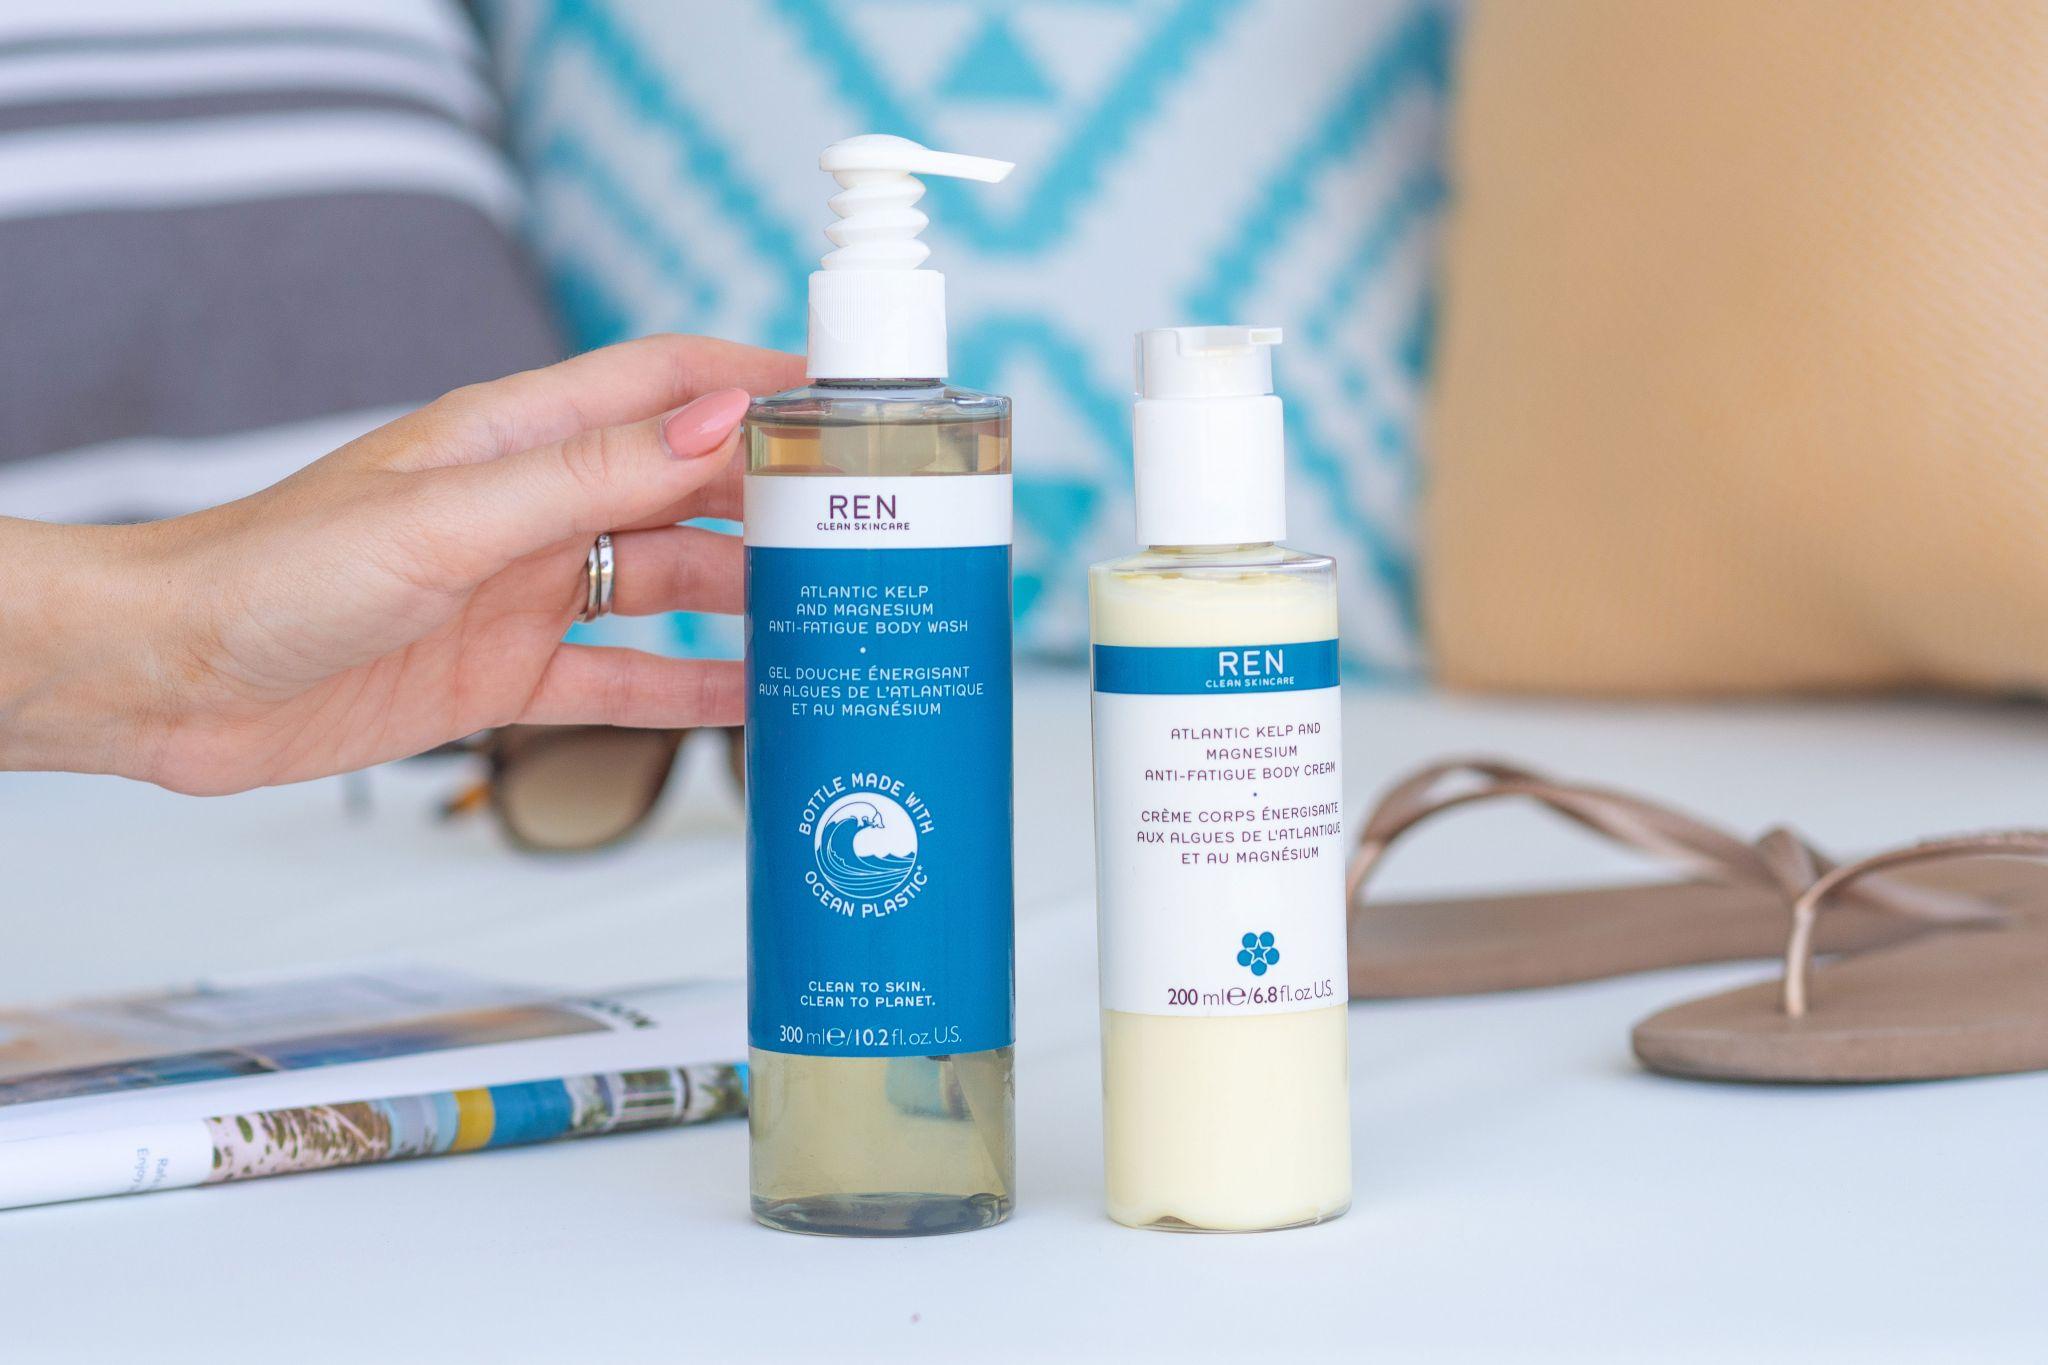 REN Clean Skincare Atlantic Anti-Fatigue Body Wash Review